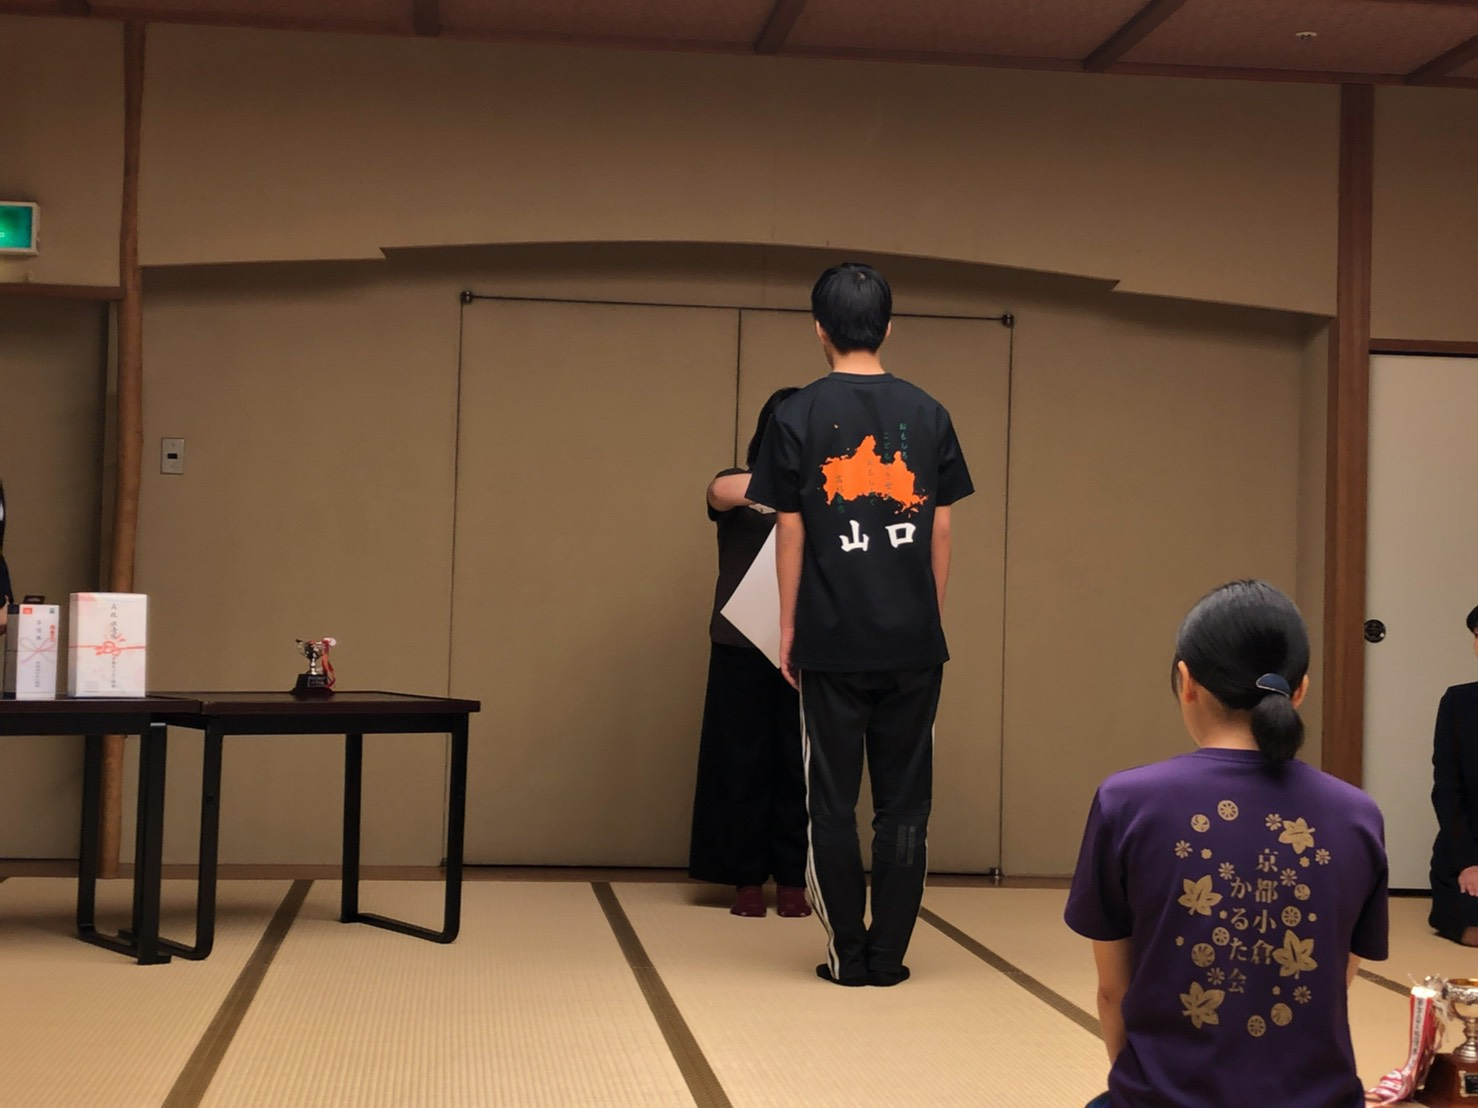 藤原定家卿小倉百人一首撰定記念 第73回全国競技かるた京都大会